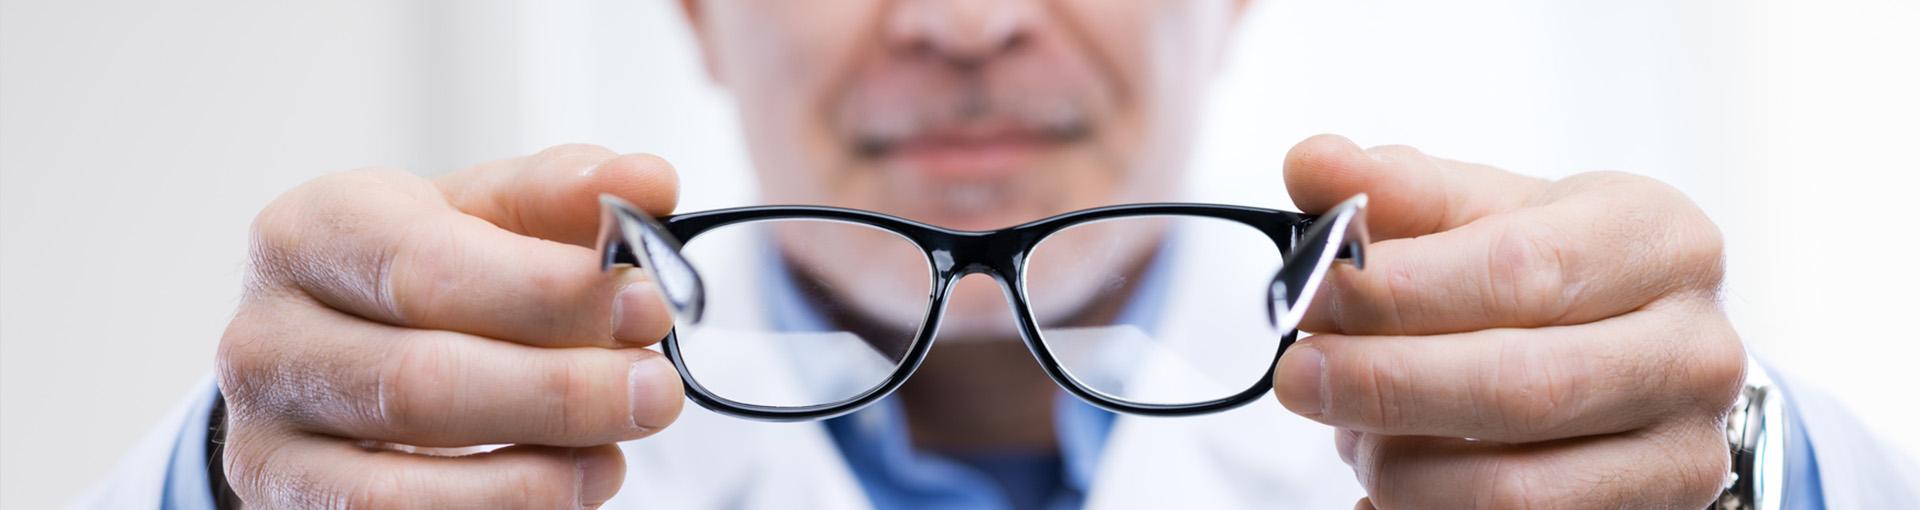 Szemüveg, gyermekszemüveg, szemüveglencse, szemüveg javítás, kontaktlencse, szemészet